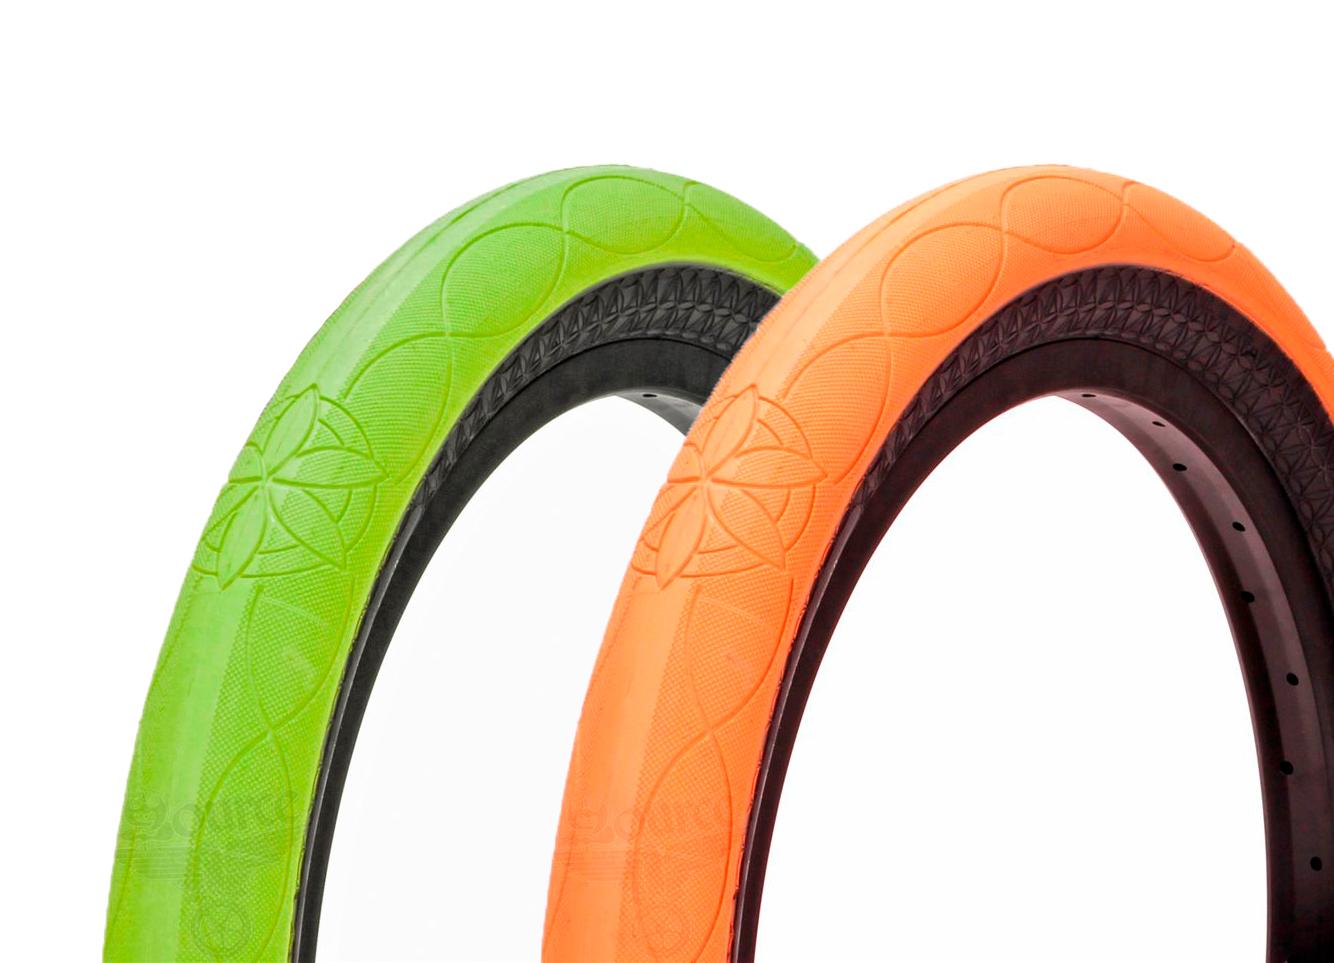 Llantas CULT AK colores 1 x $50.000 o 2 x $90.000 (oferta)